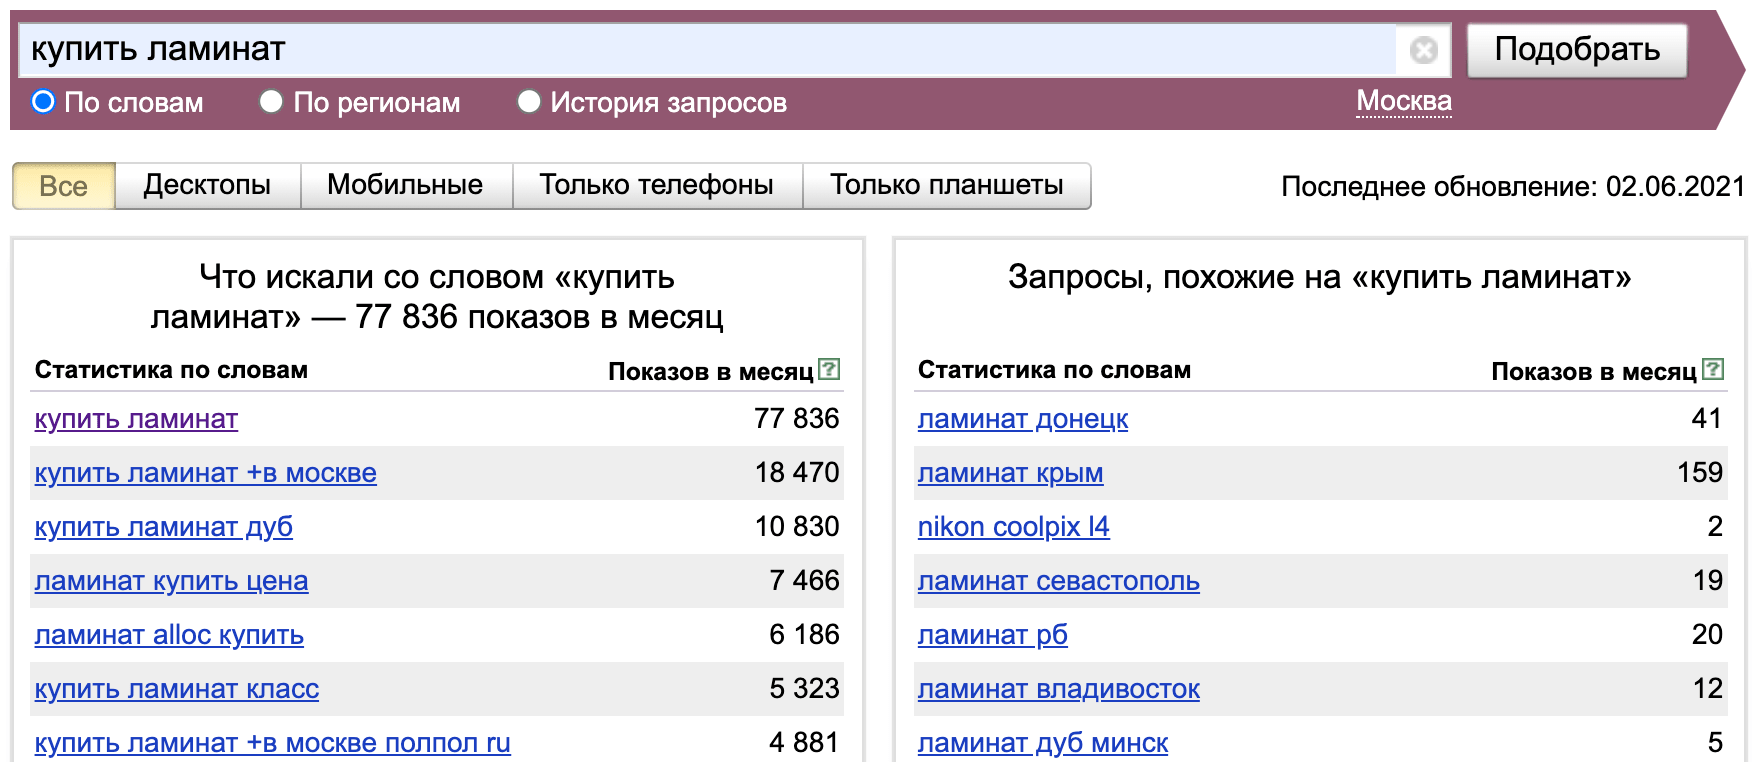 Частотность запроса купить ламинат в городе Москва можно узнать через сервис Wordstat.yandex.ru